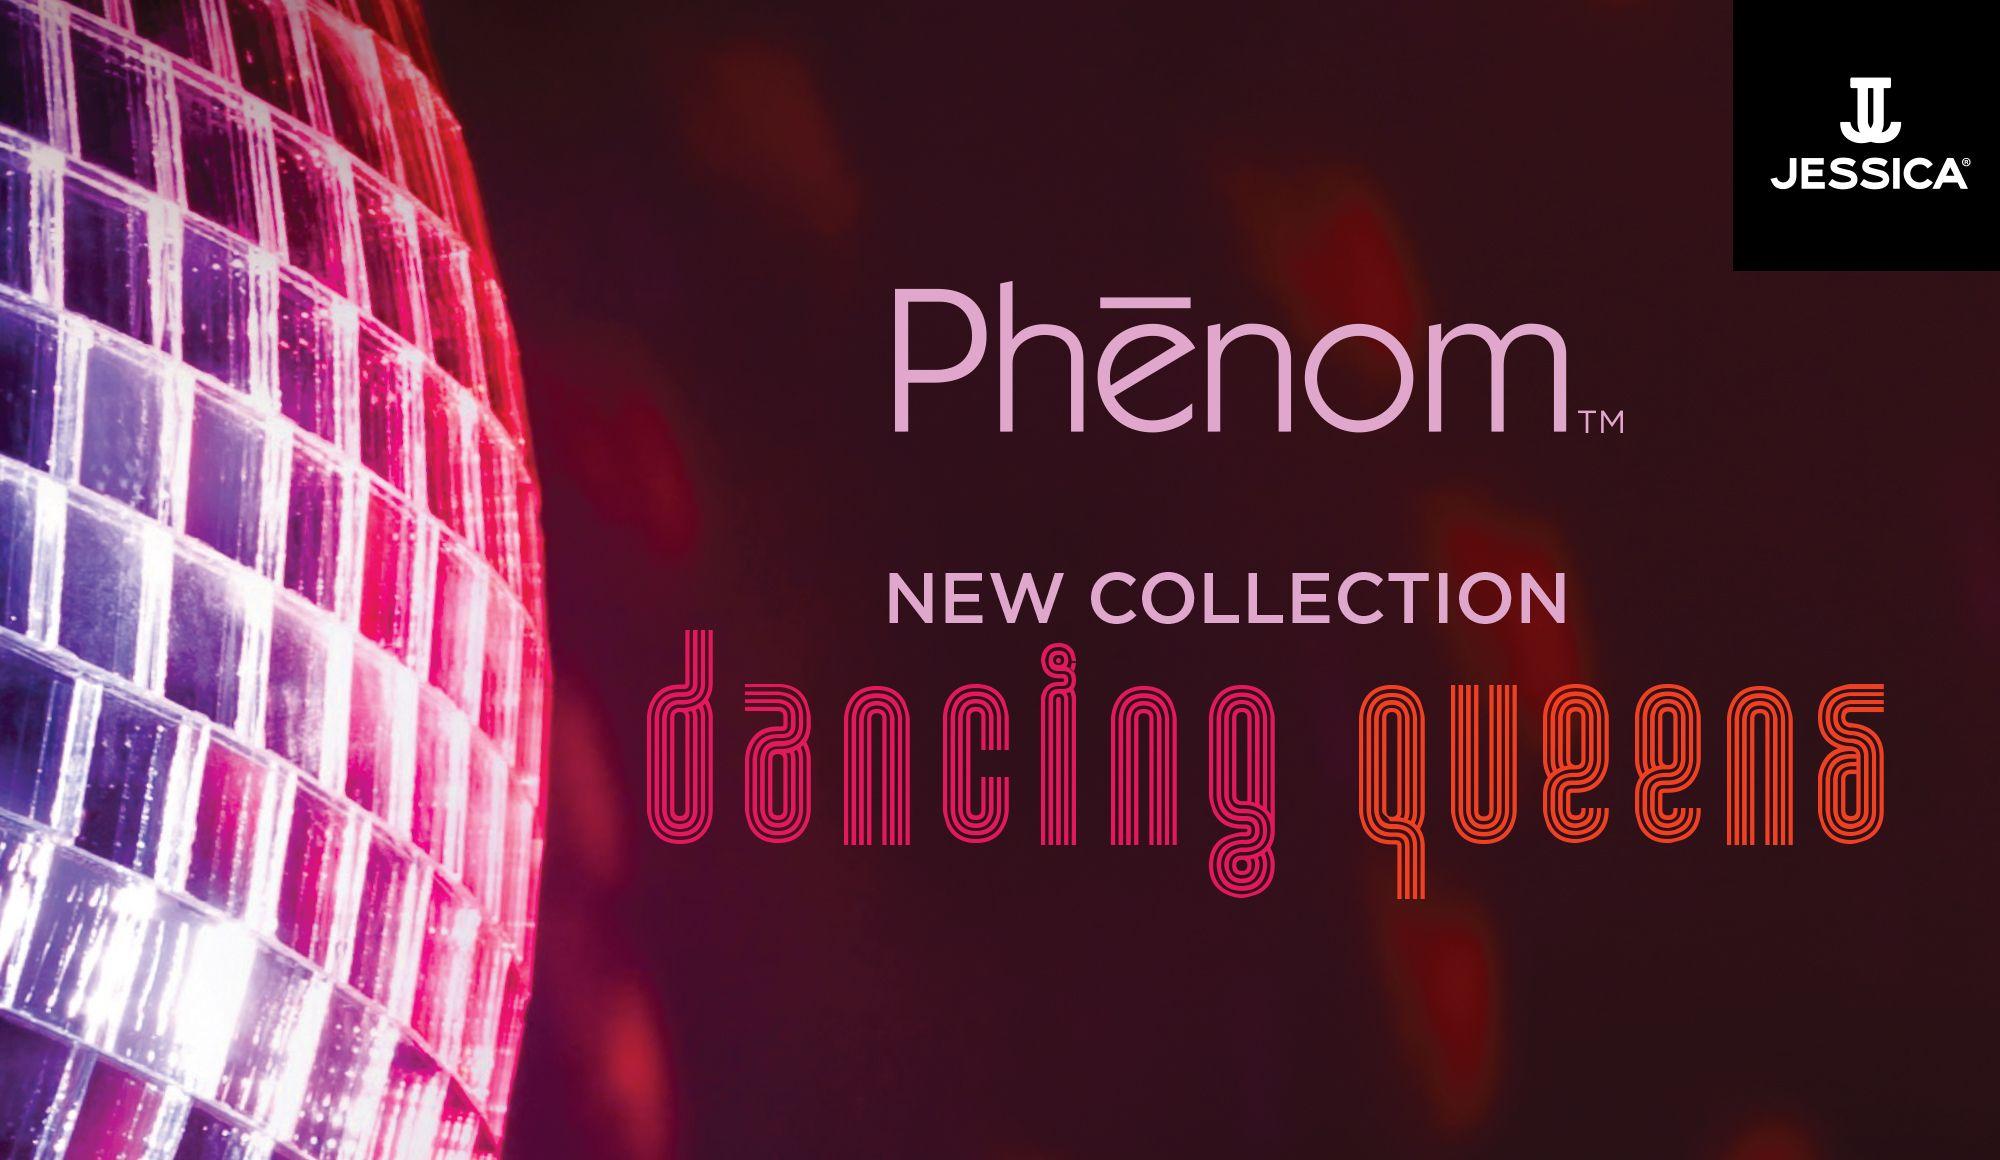 Phenom dancing queen